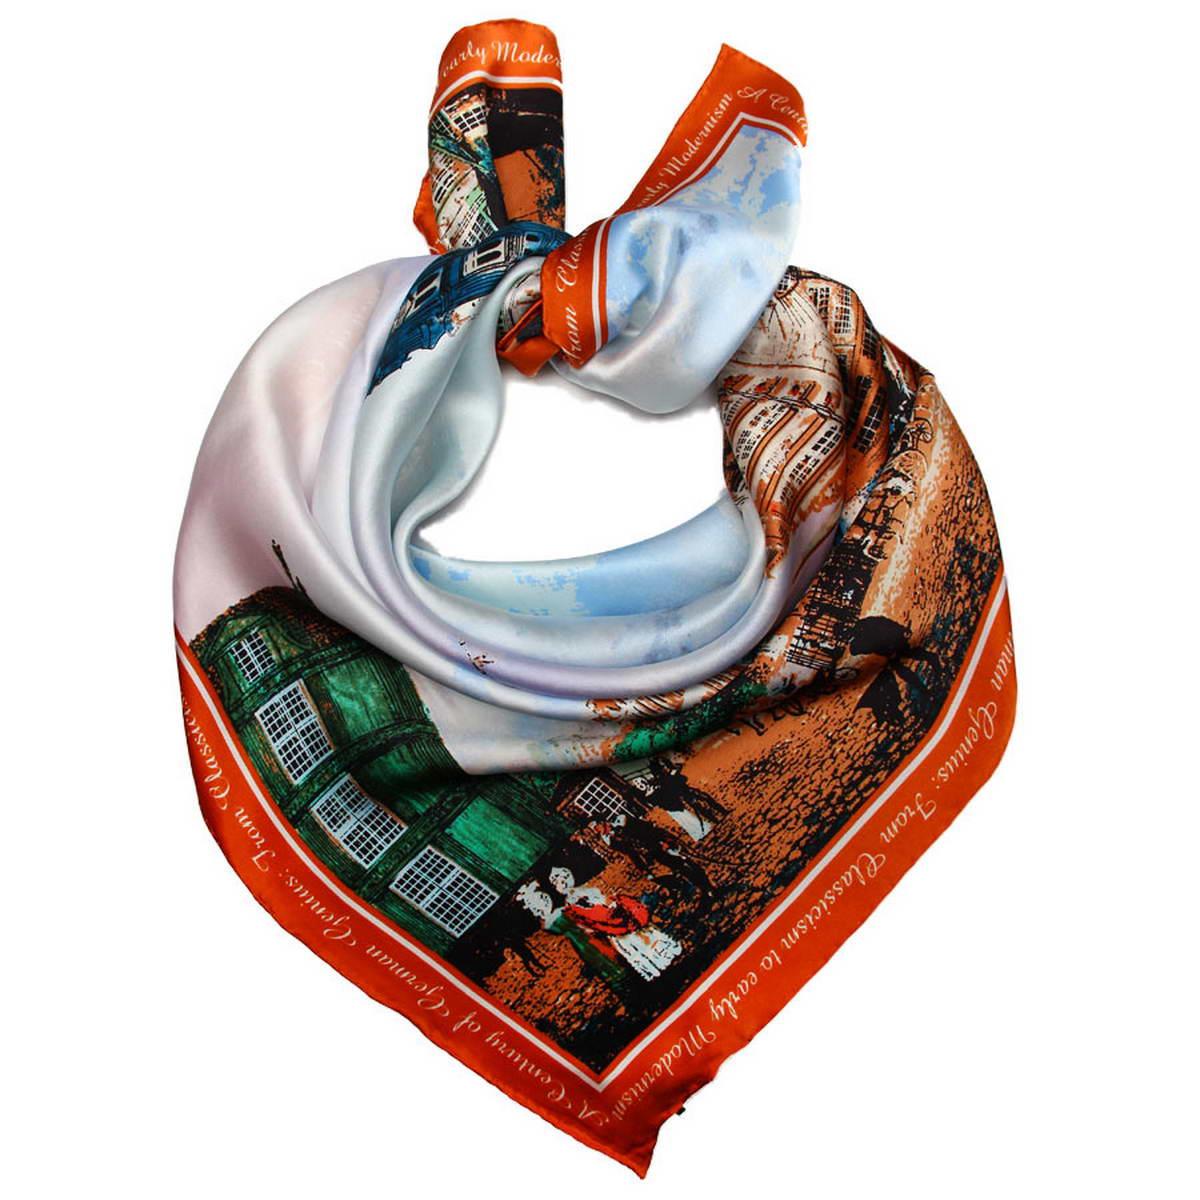 Платок1810812-1Нежный шелковый платок Venera станет нарядным аксессуаром, который призван подчеркнуть индивидуальность и очарование женщины. Оригинальный дизайн полотна с изображением города придаст вашему образу хорошего настроения и привлечёт всеобщее внимание. Края платка качественно обработаны вручную. Этот модный аксессуар женского гардероба гармонично дополнит образ современной женщины, следящей за своим имиджем и стремящейся всегда оставаться стильной и элегантной.